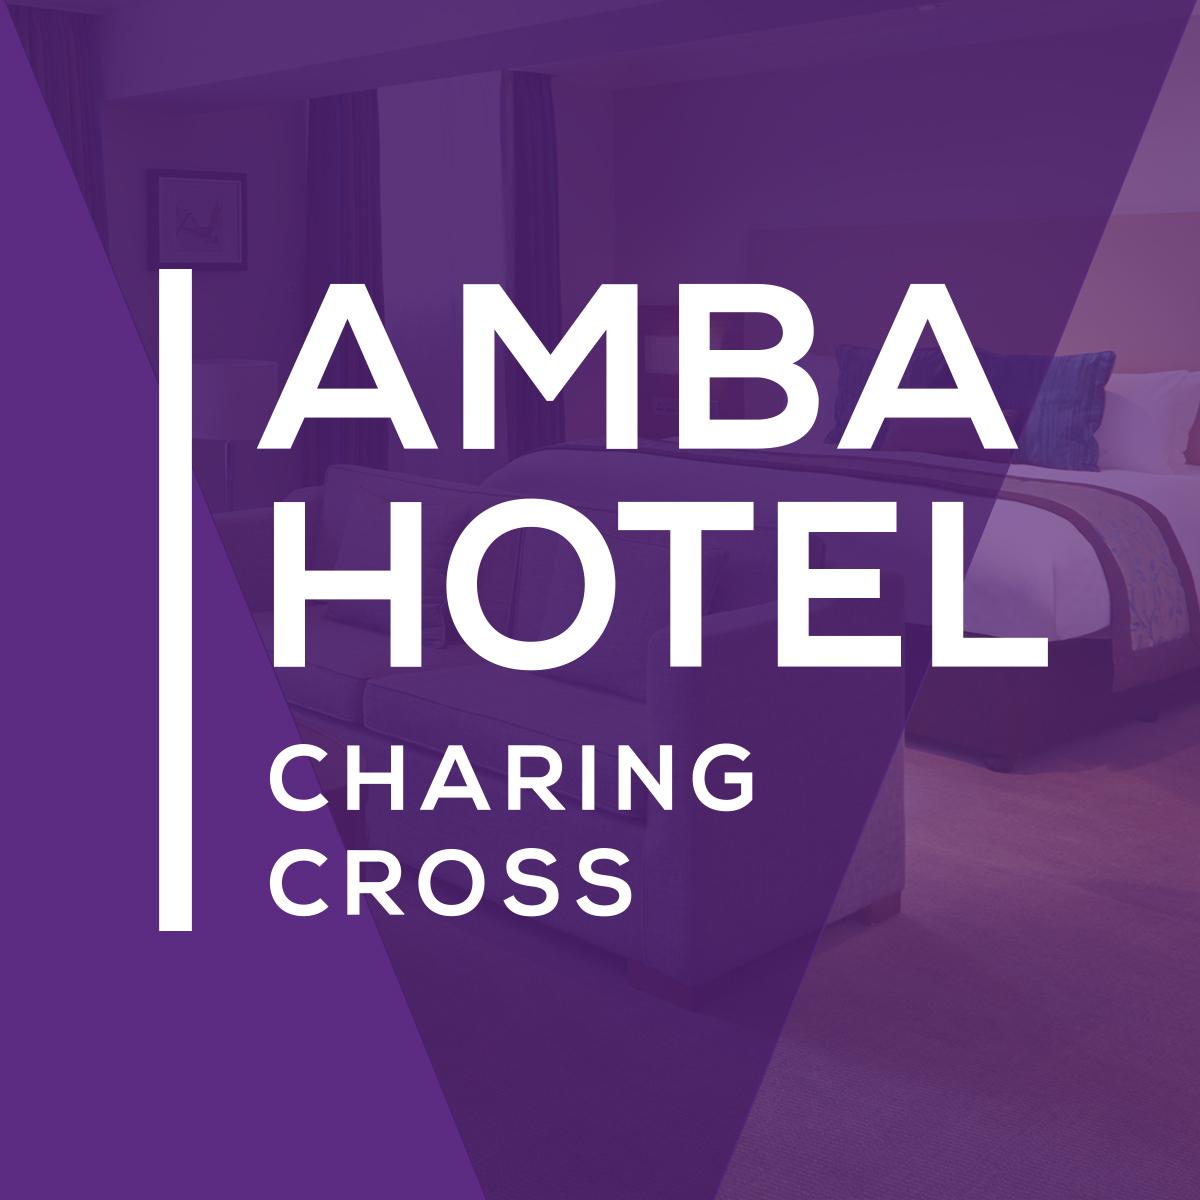 Amba Hotel Charing Cross London